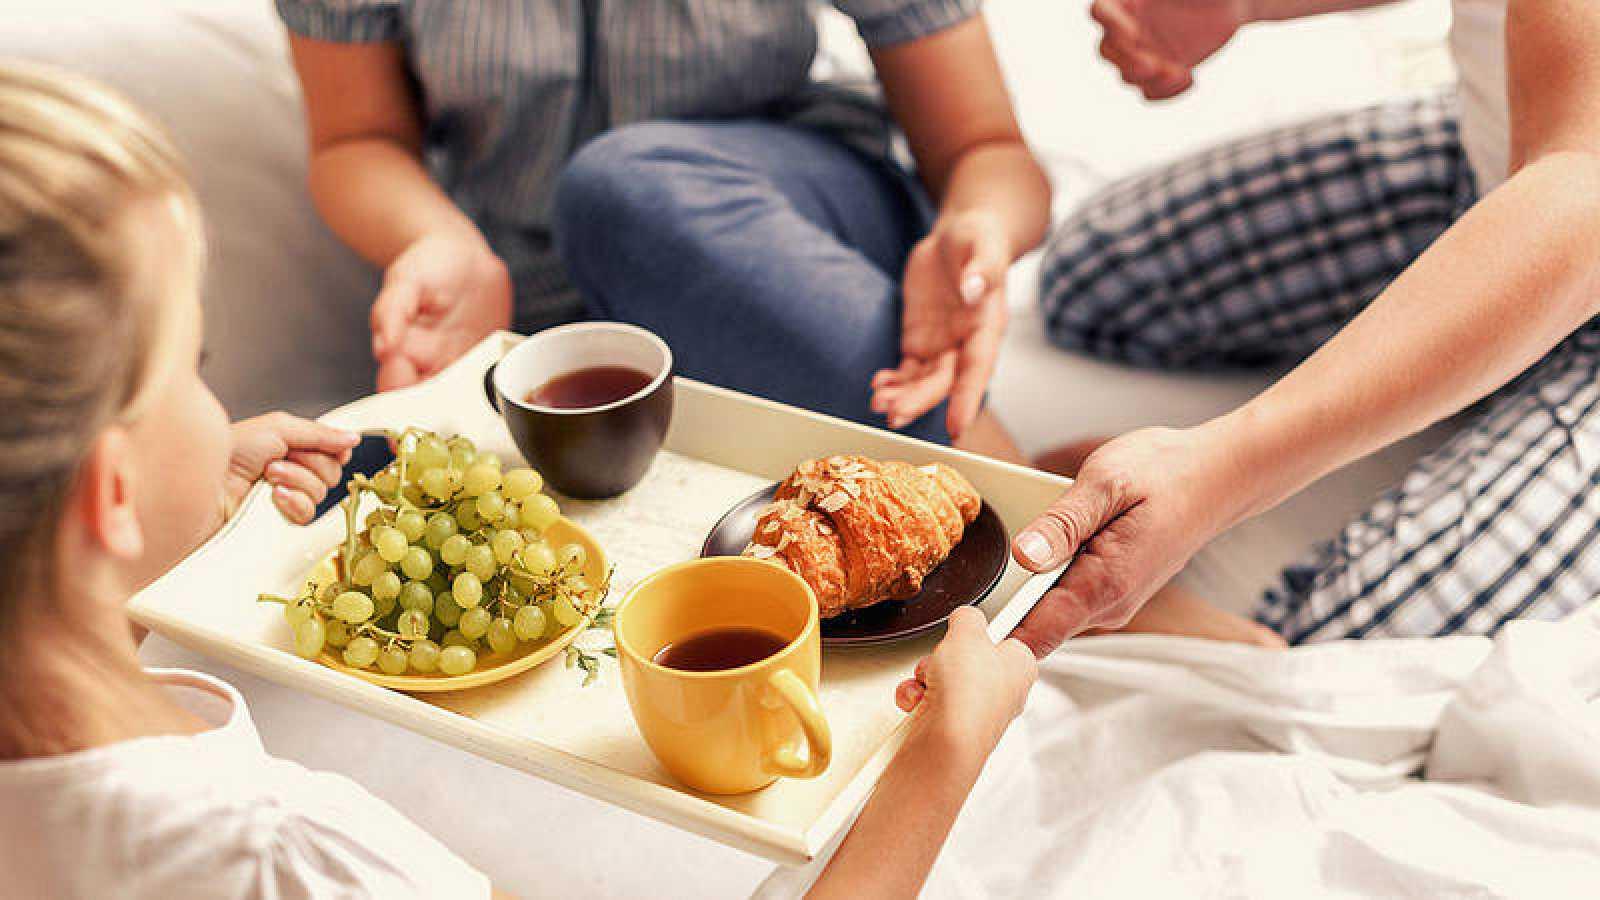 Desayuno completo que incluye tres grupos de alimentos básicos como la leche, la fruta y los cereales